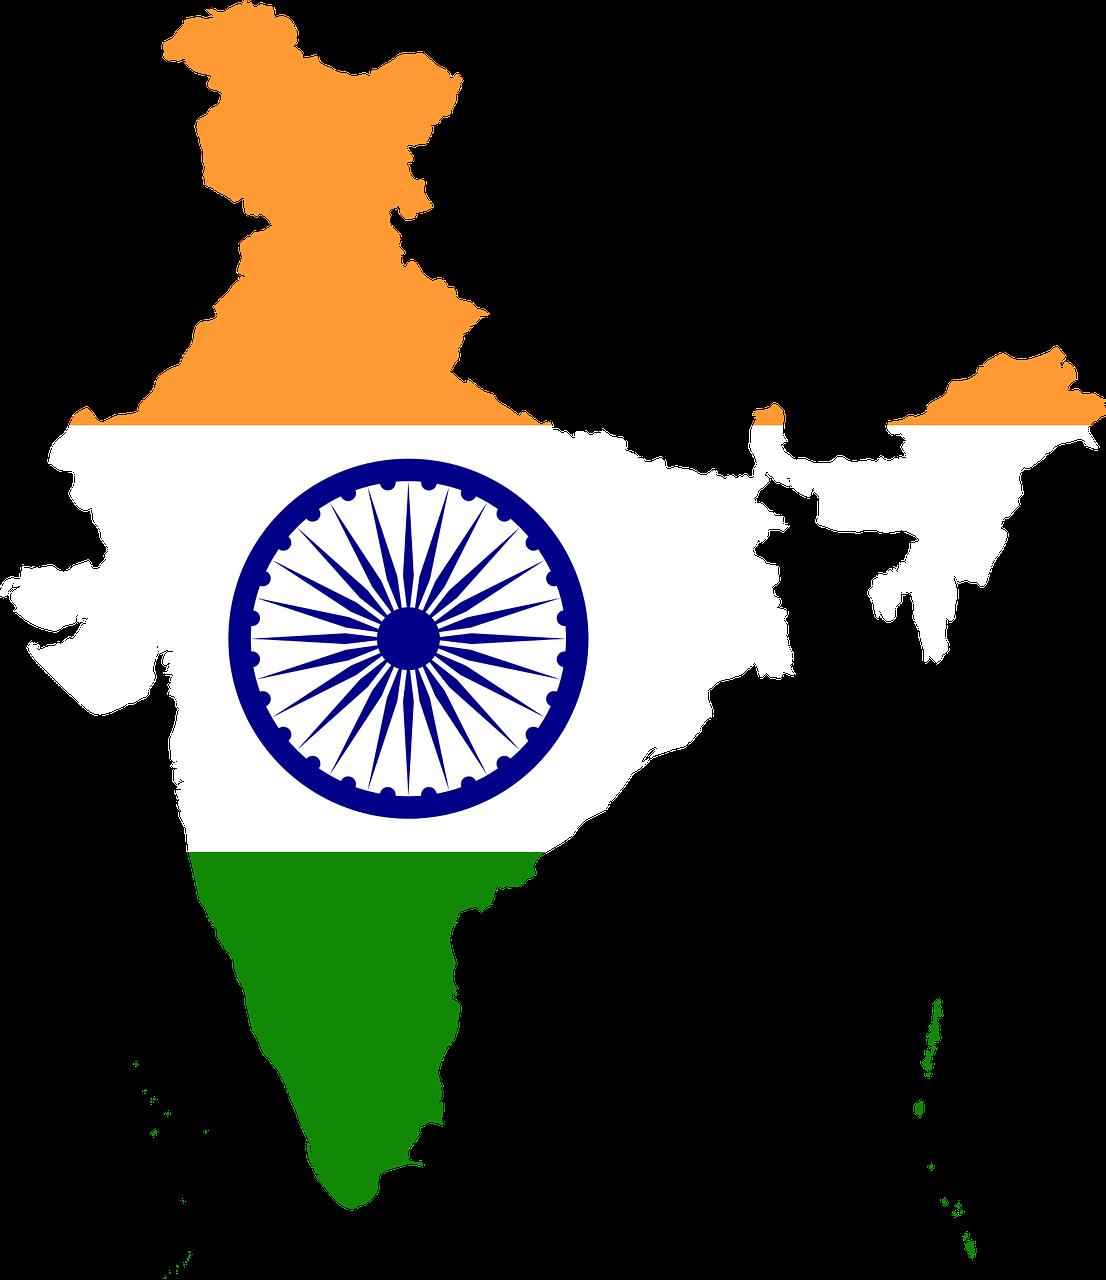 引っ越し祝いはインドでも贈る?贈らない?